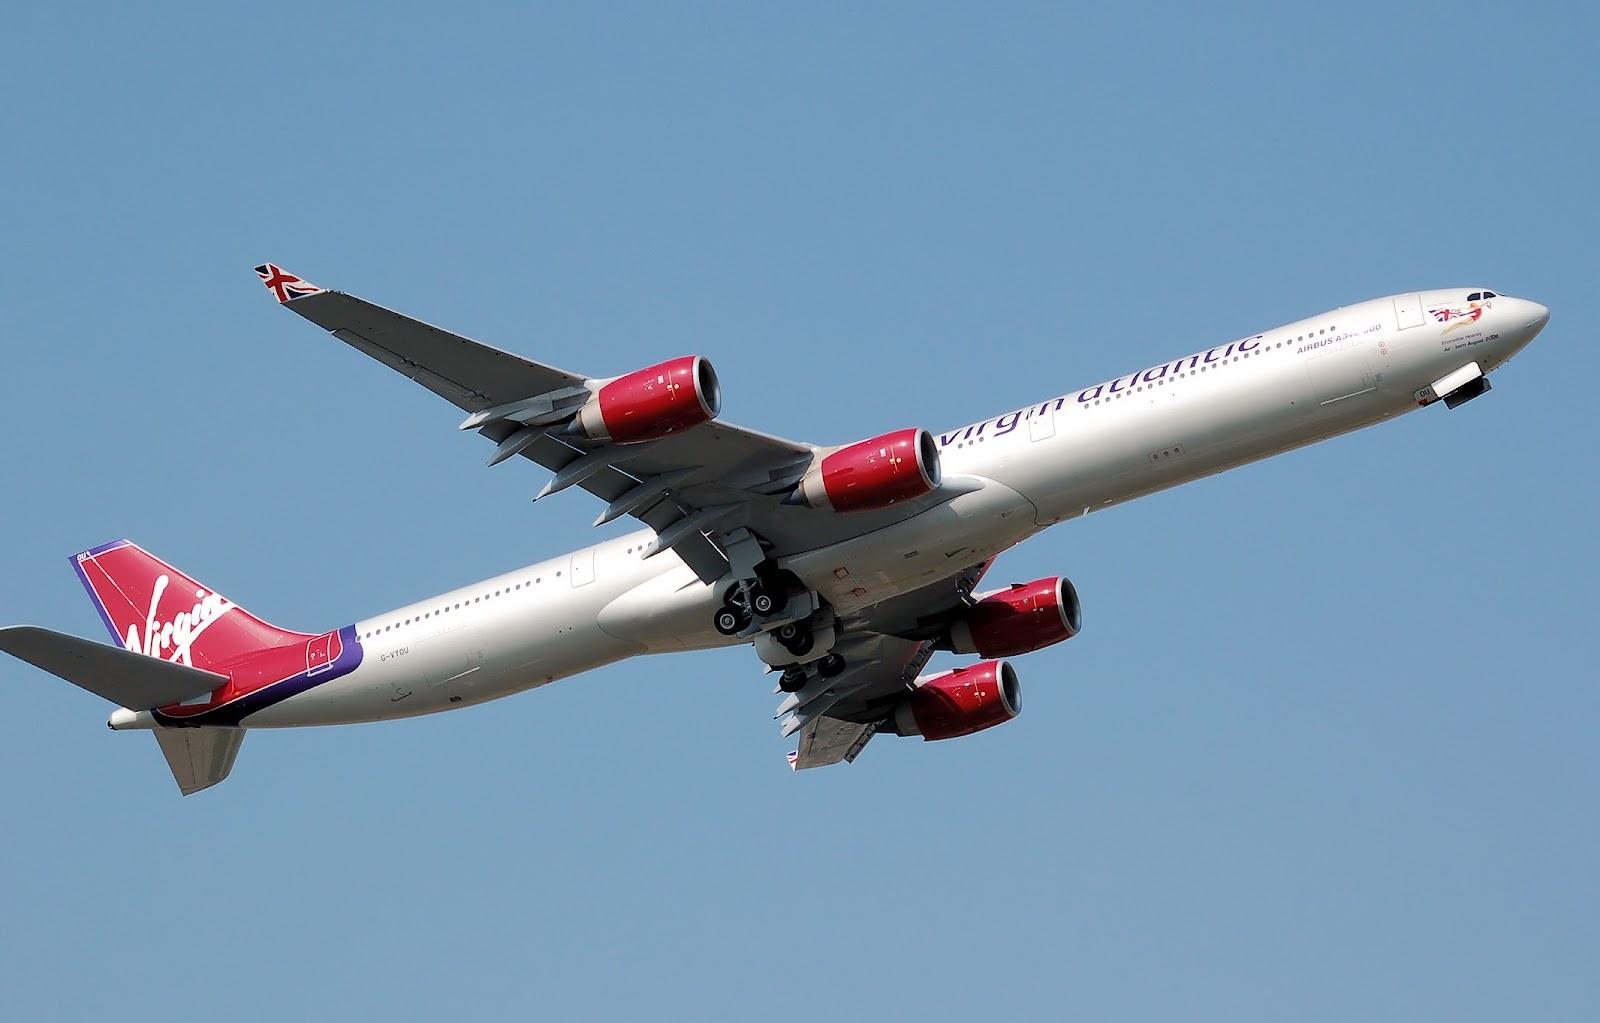 http://3.bp.blogspot.com/-AO1sMf91krA/T8FbU2u6-hI/AAAAAAAAIQg/j6d6eZq9jUU/s1600/airbus_a340-600_virgin_atlantic_livery.jpg